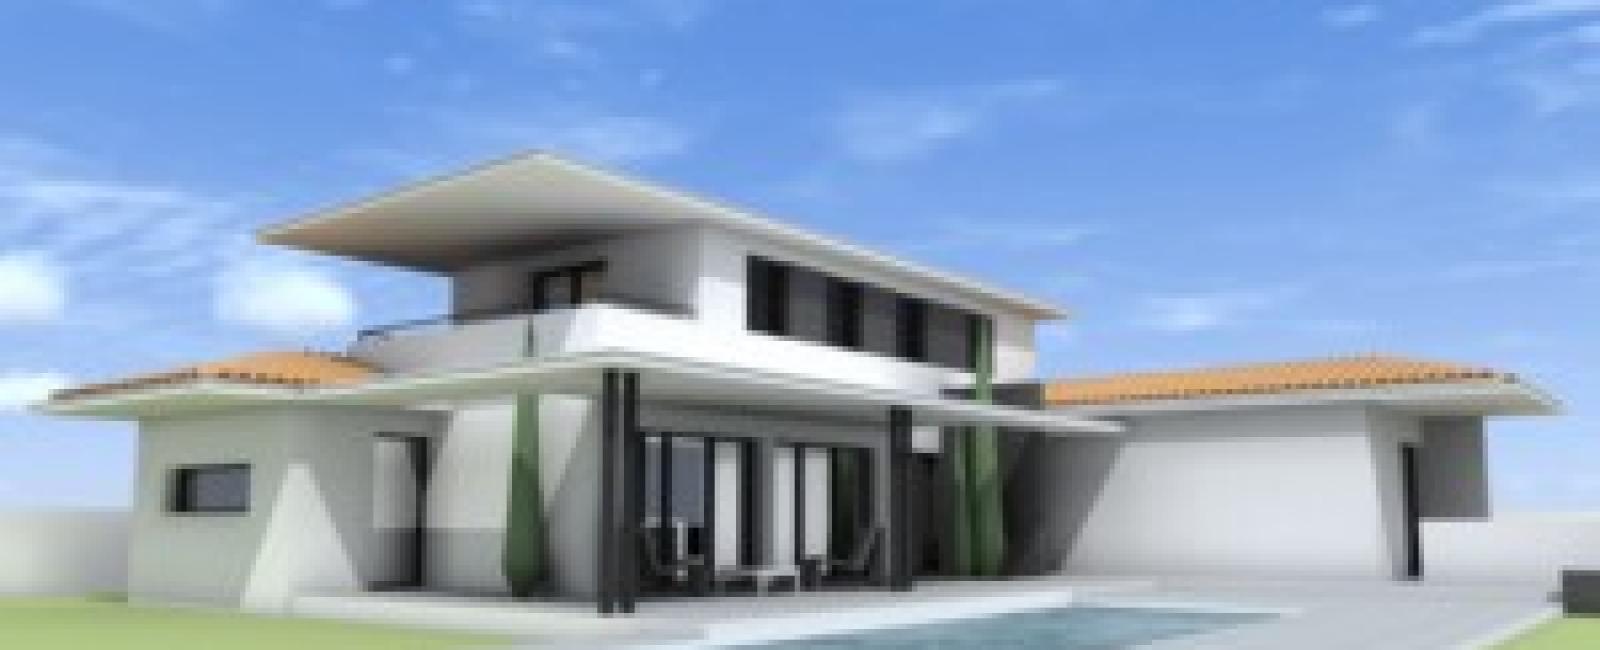 Maison Contemporaine à Mus (30)